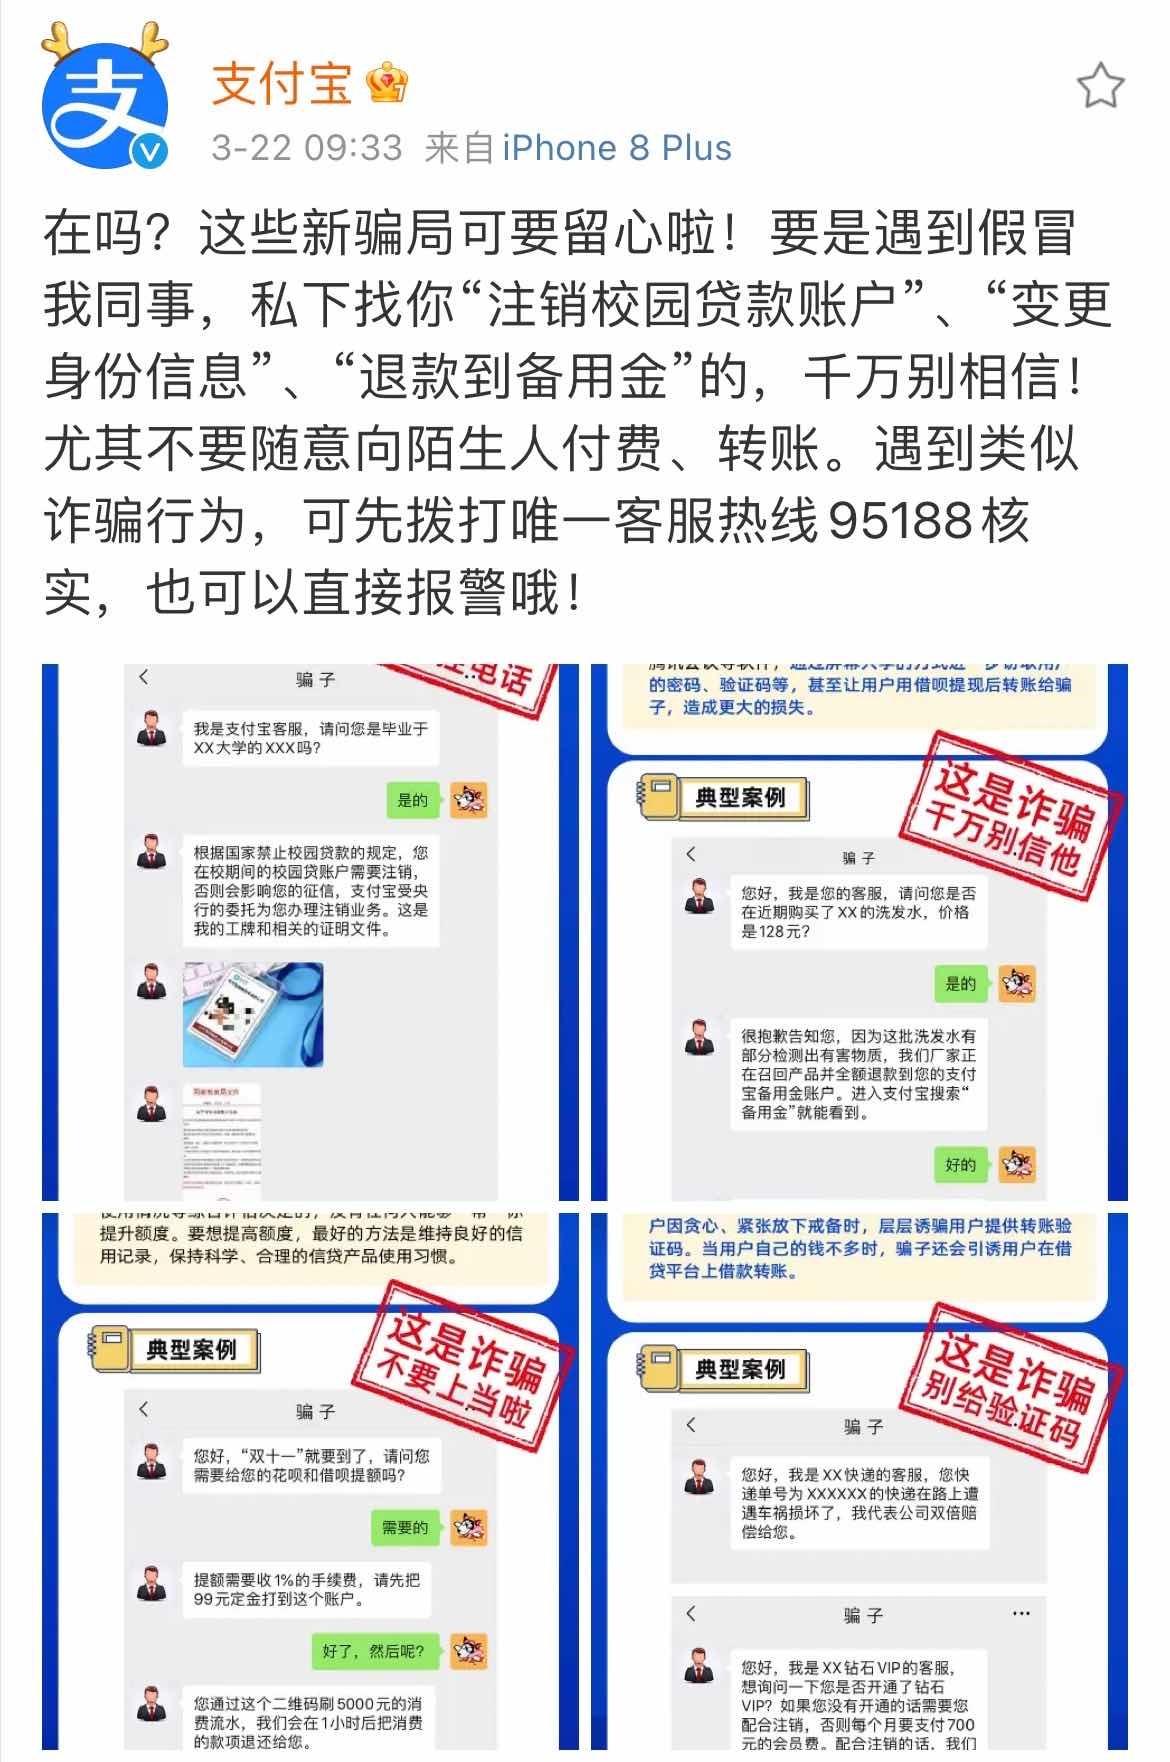 花呗借呗发出反诈骗提醒:这4种新型骗局千万别上当! (5).jpg